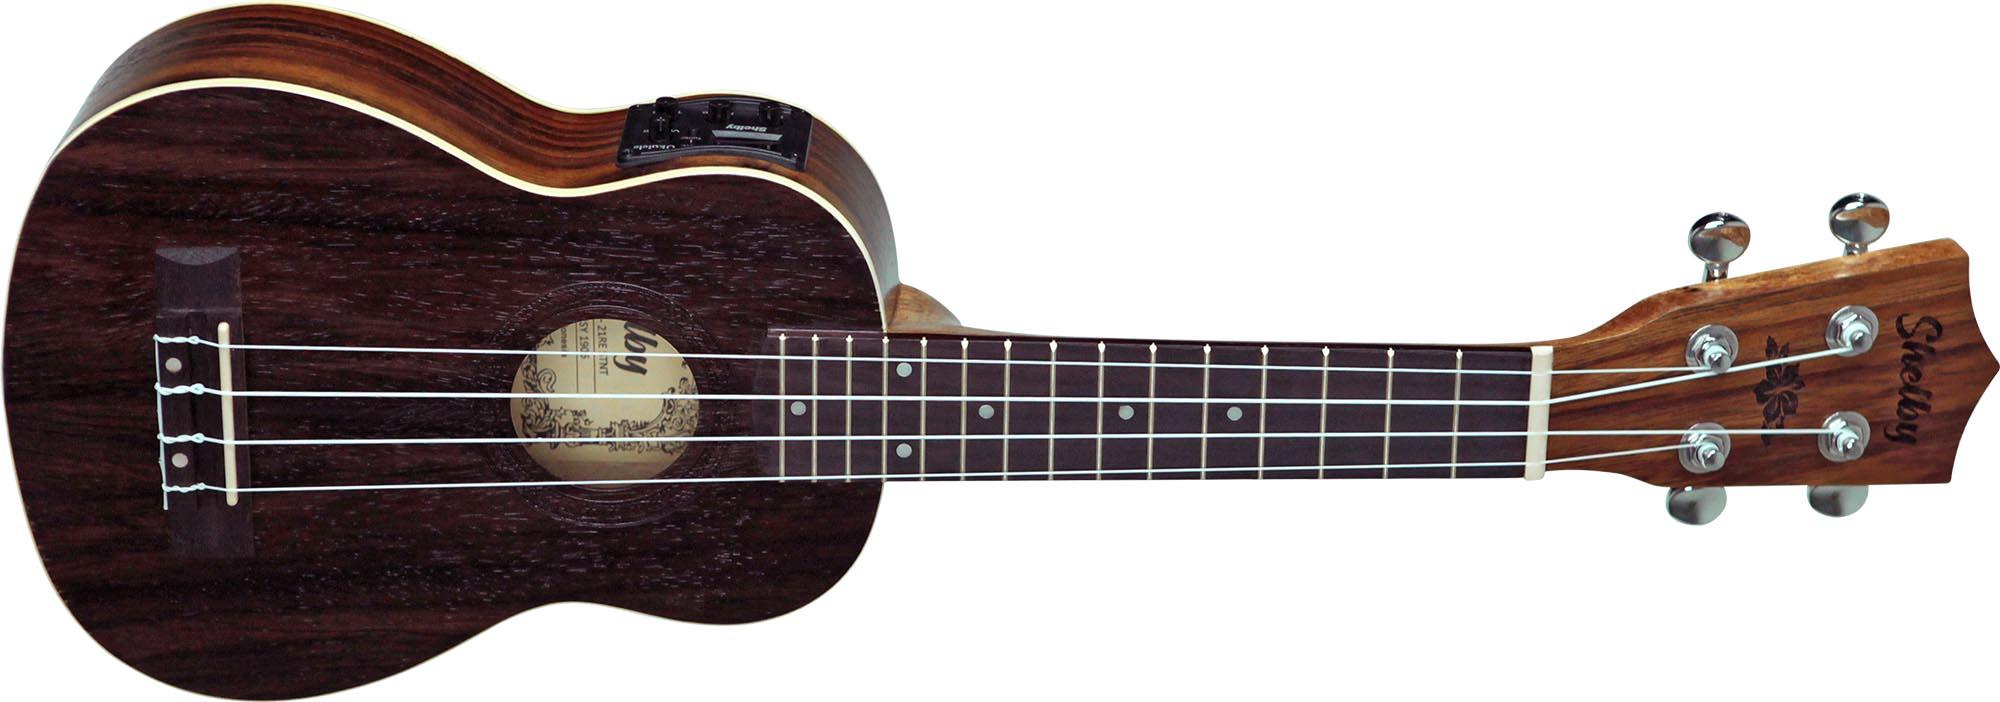 su21re ukulele soprano eletroacustico shelby su21re stnt jacaranda acetinado visao frontal